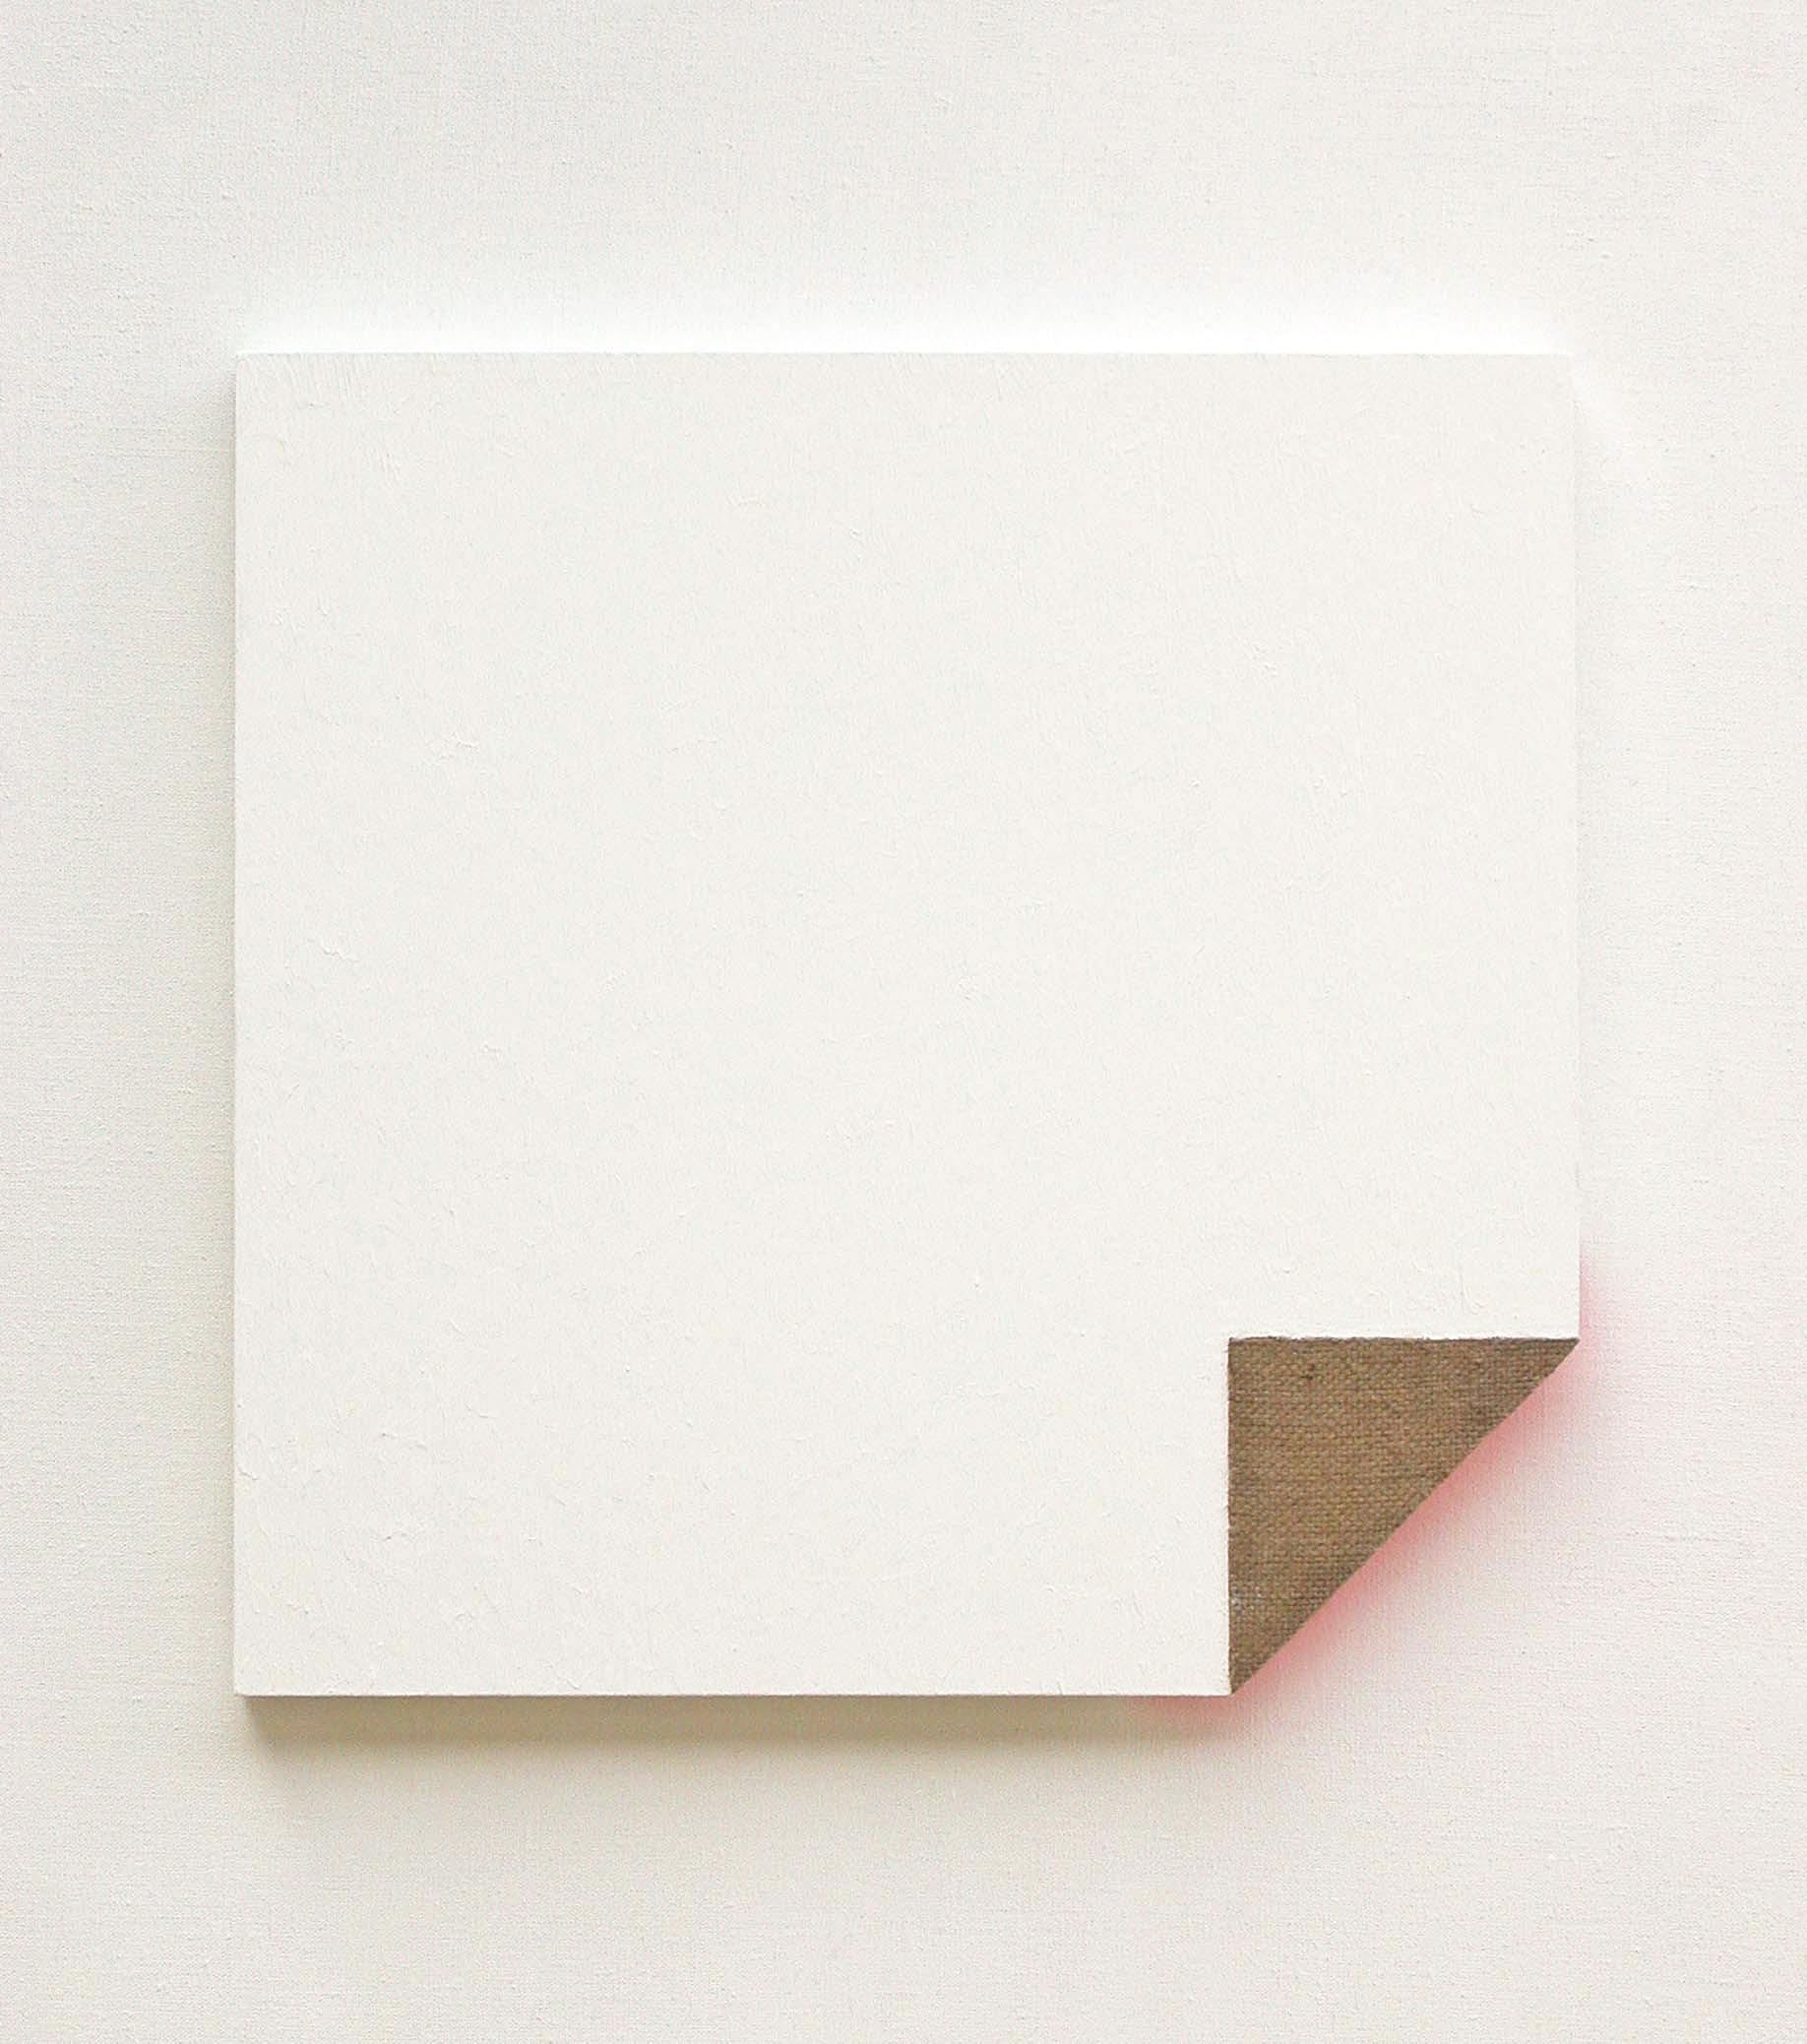 les, 50 x 50 cm, 2003